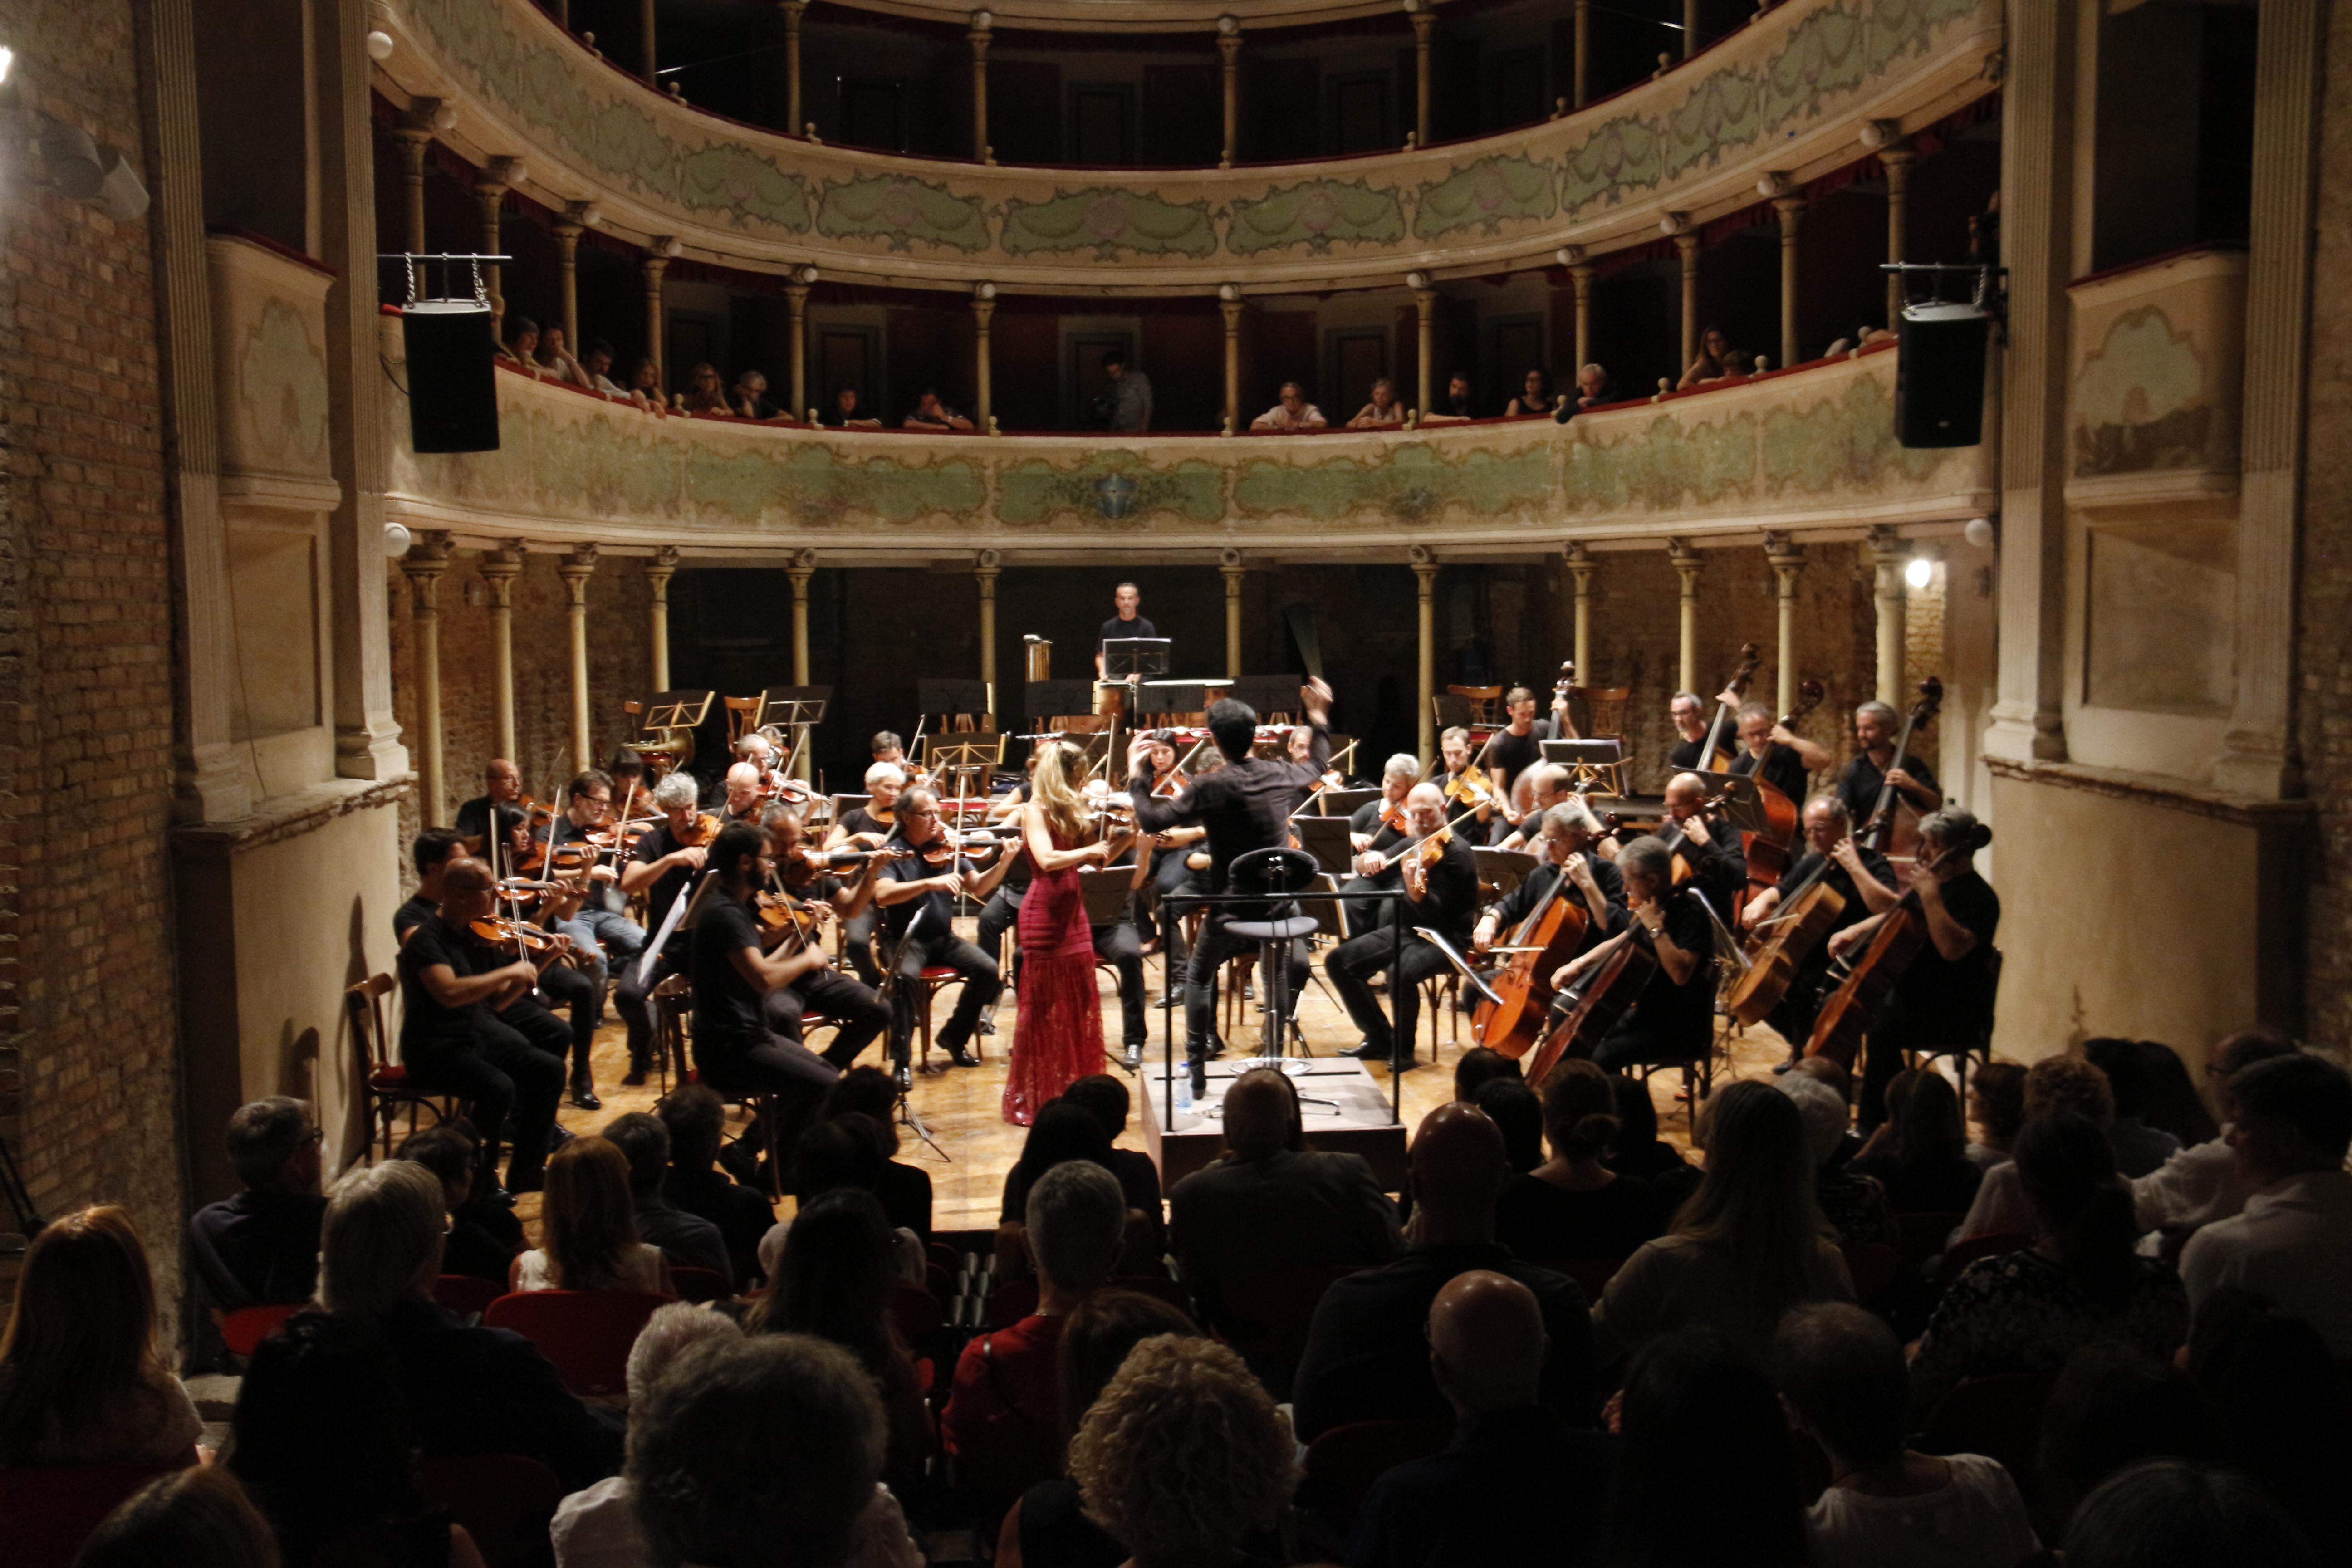 teatro-sociale-gualtieri-ezio-bosso-stradivarifestival-chamber-orchestra-6